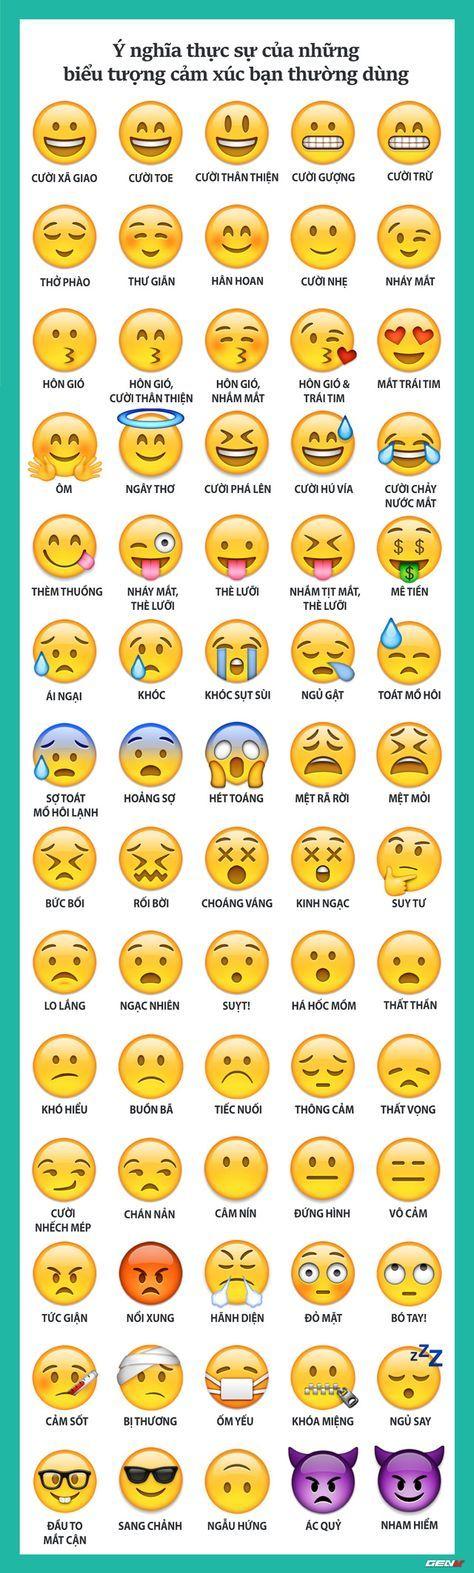 Đây chỉ là một vài biểu tượng cảm xúc điển hình trong thế giới của hàng ngàn icon trên mạng.